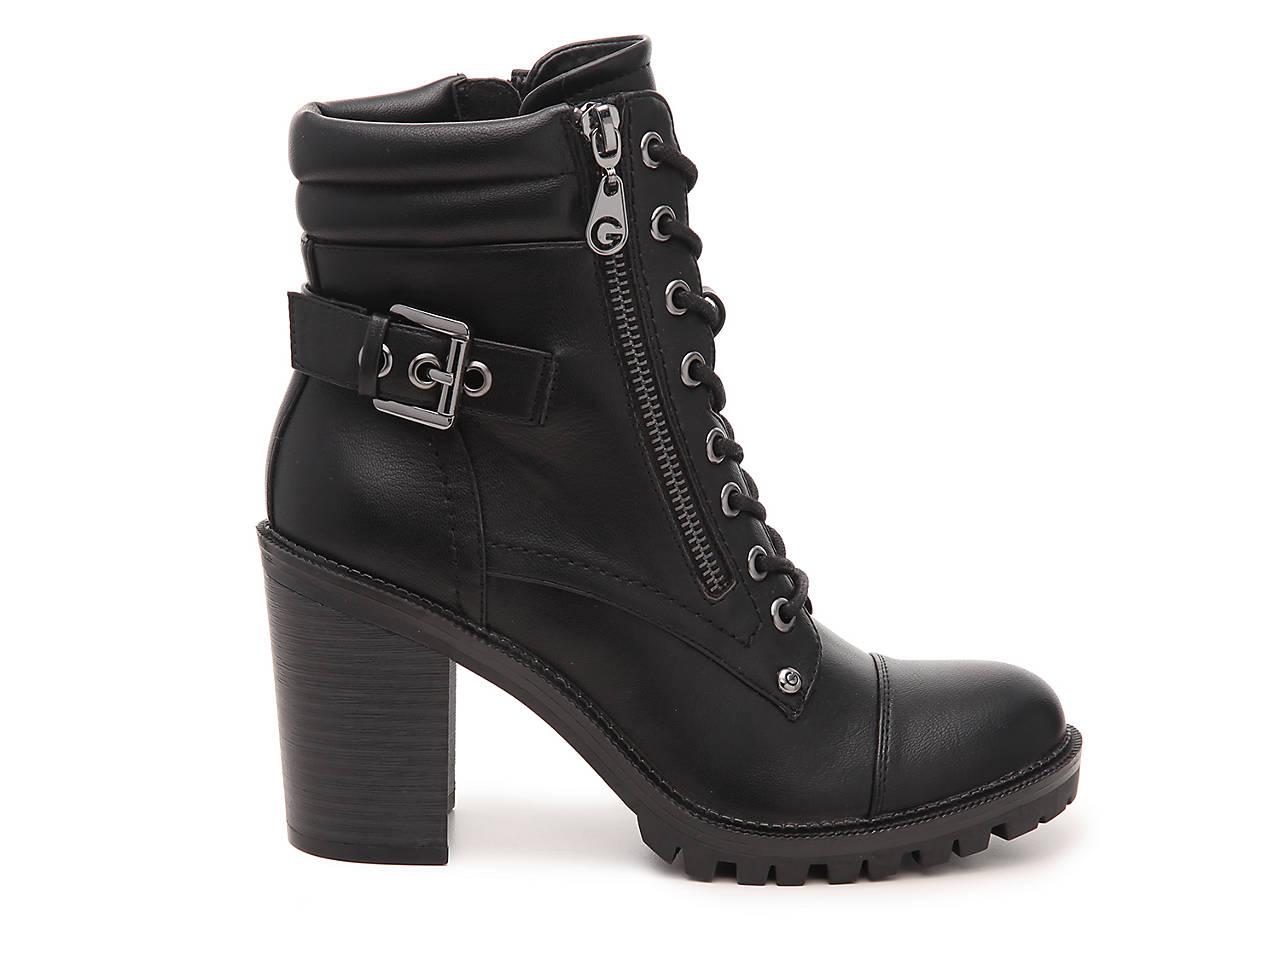 GBG Los Angeles Jaydyn Combat Boot Women's Shoes DSW  DSW